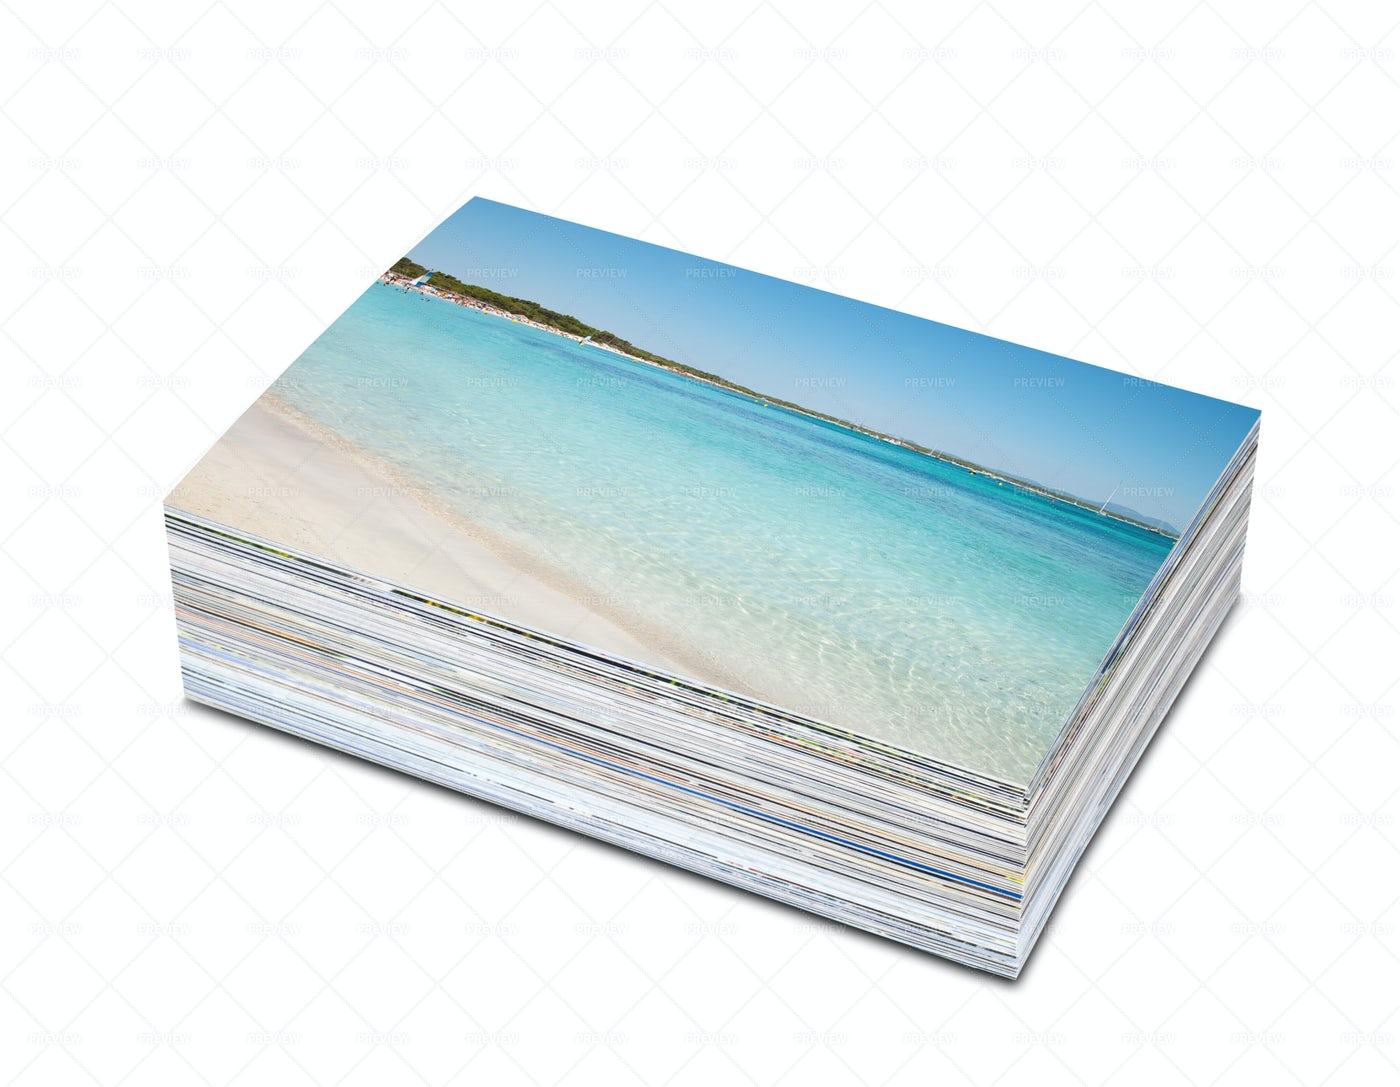 Photos: Stock Photos